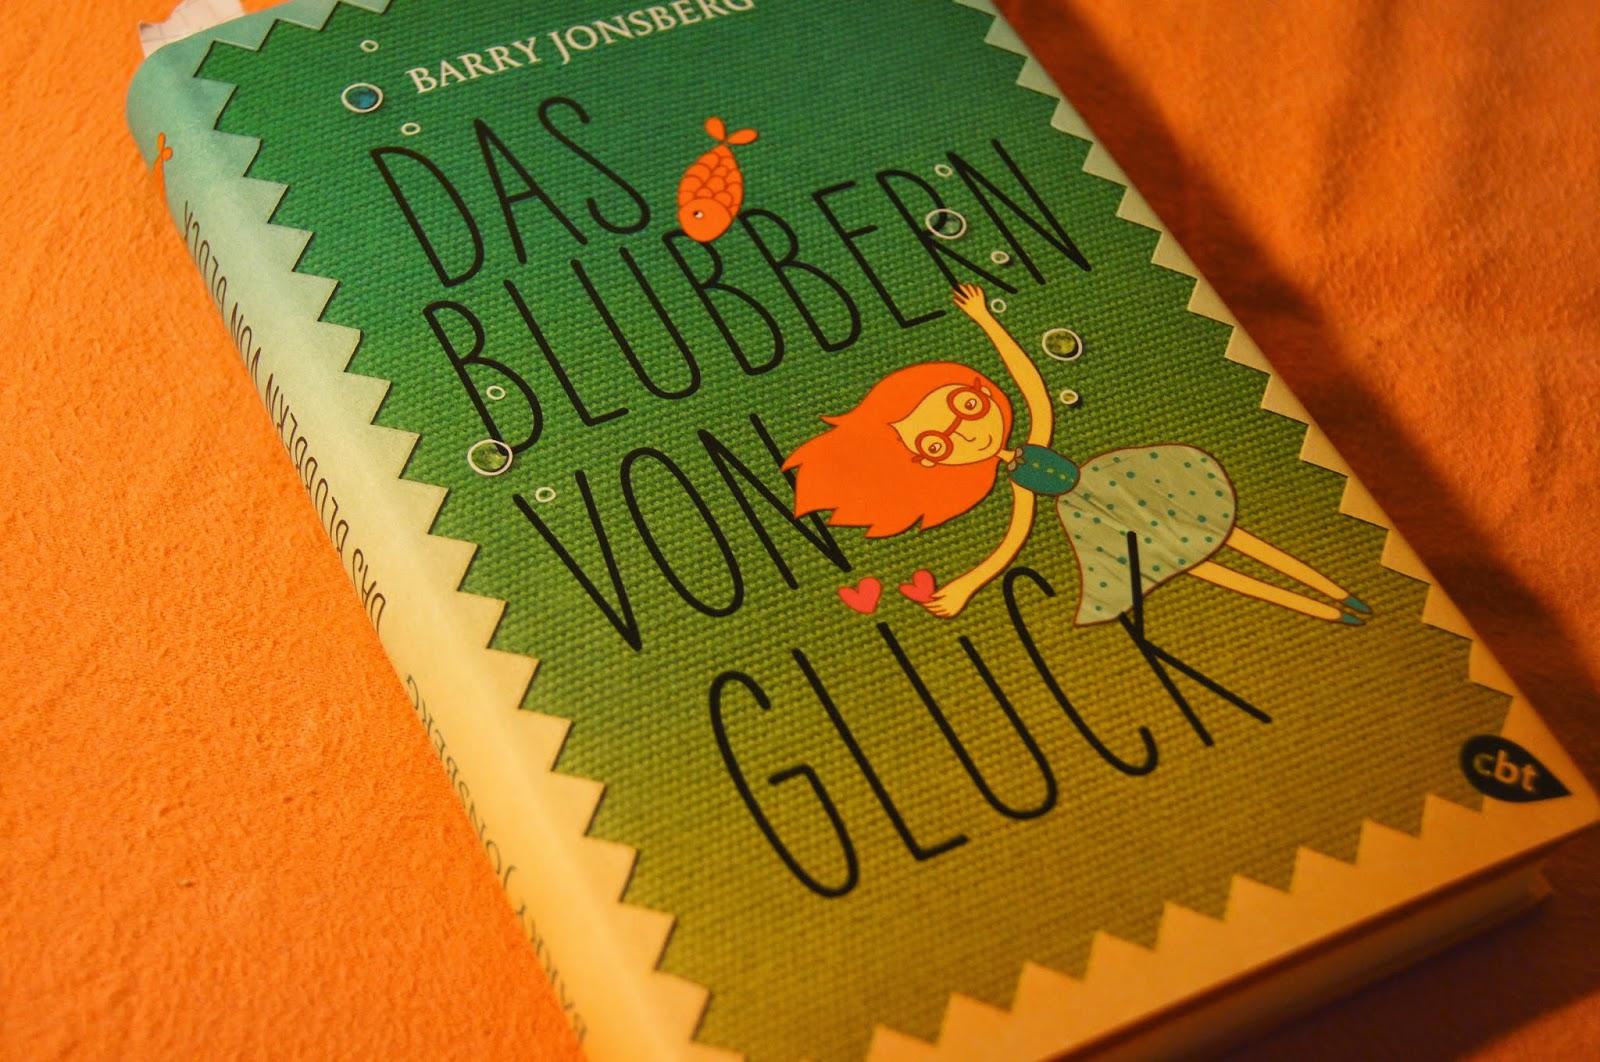 Das Blubbern von Glück, Barry Jonsberg